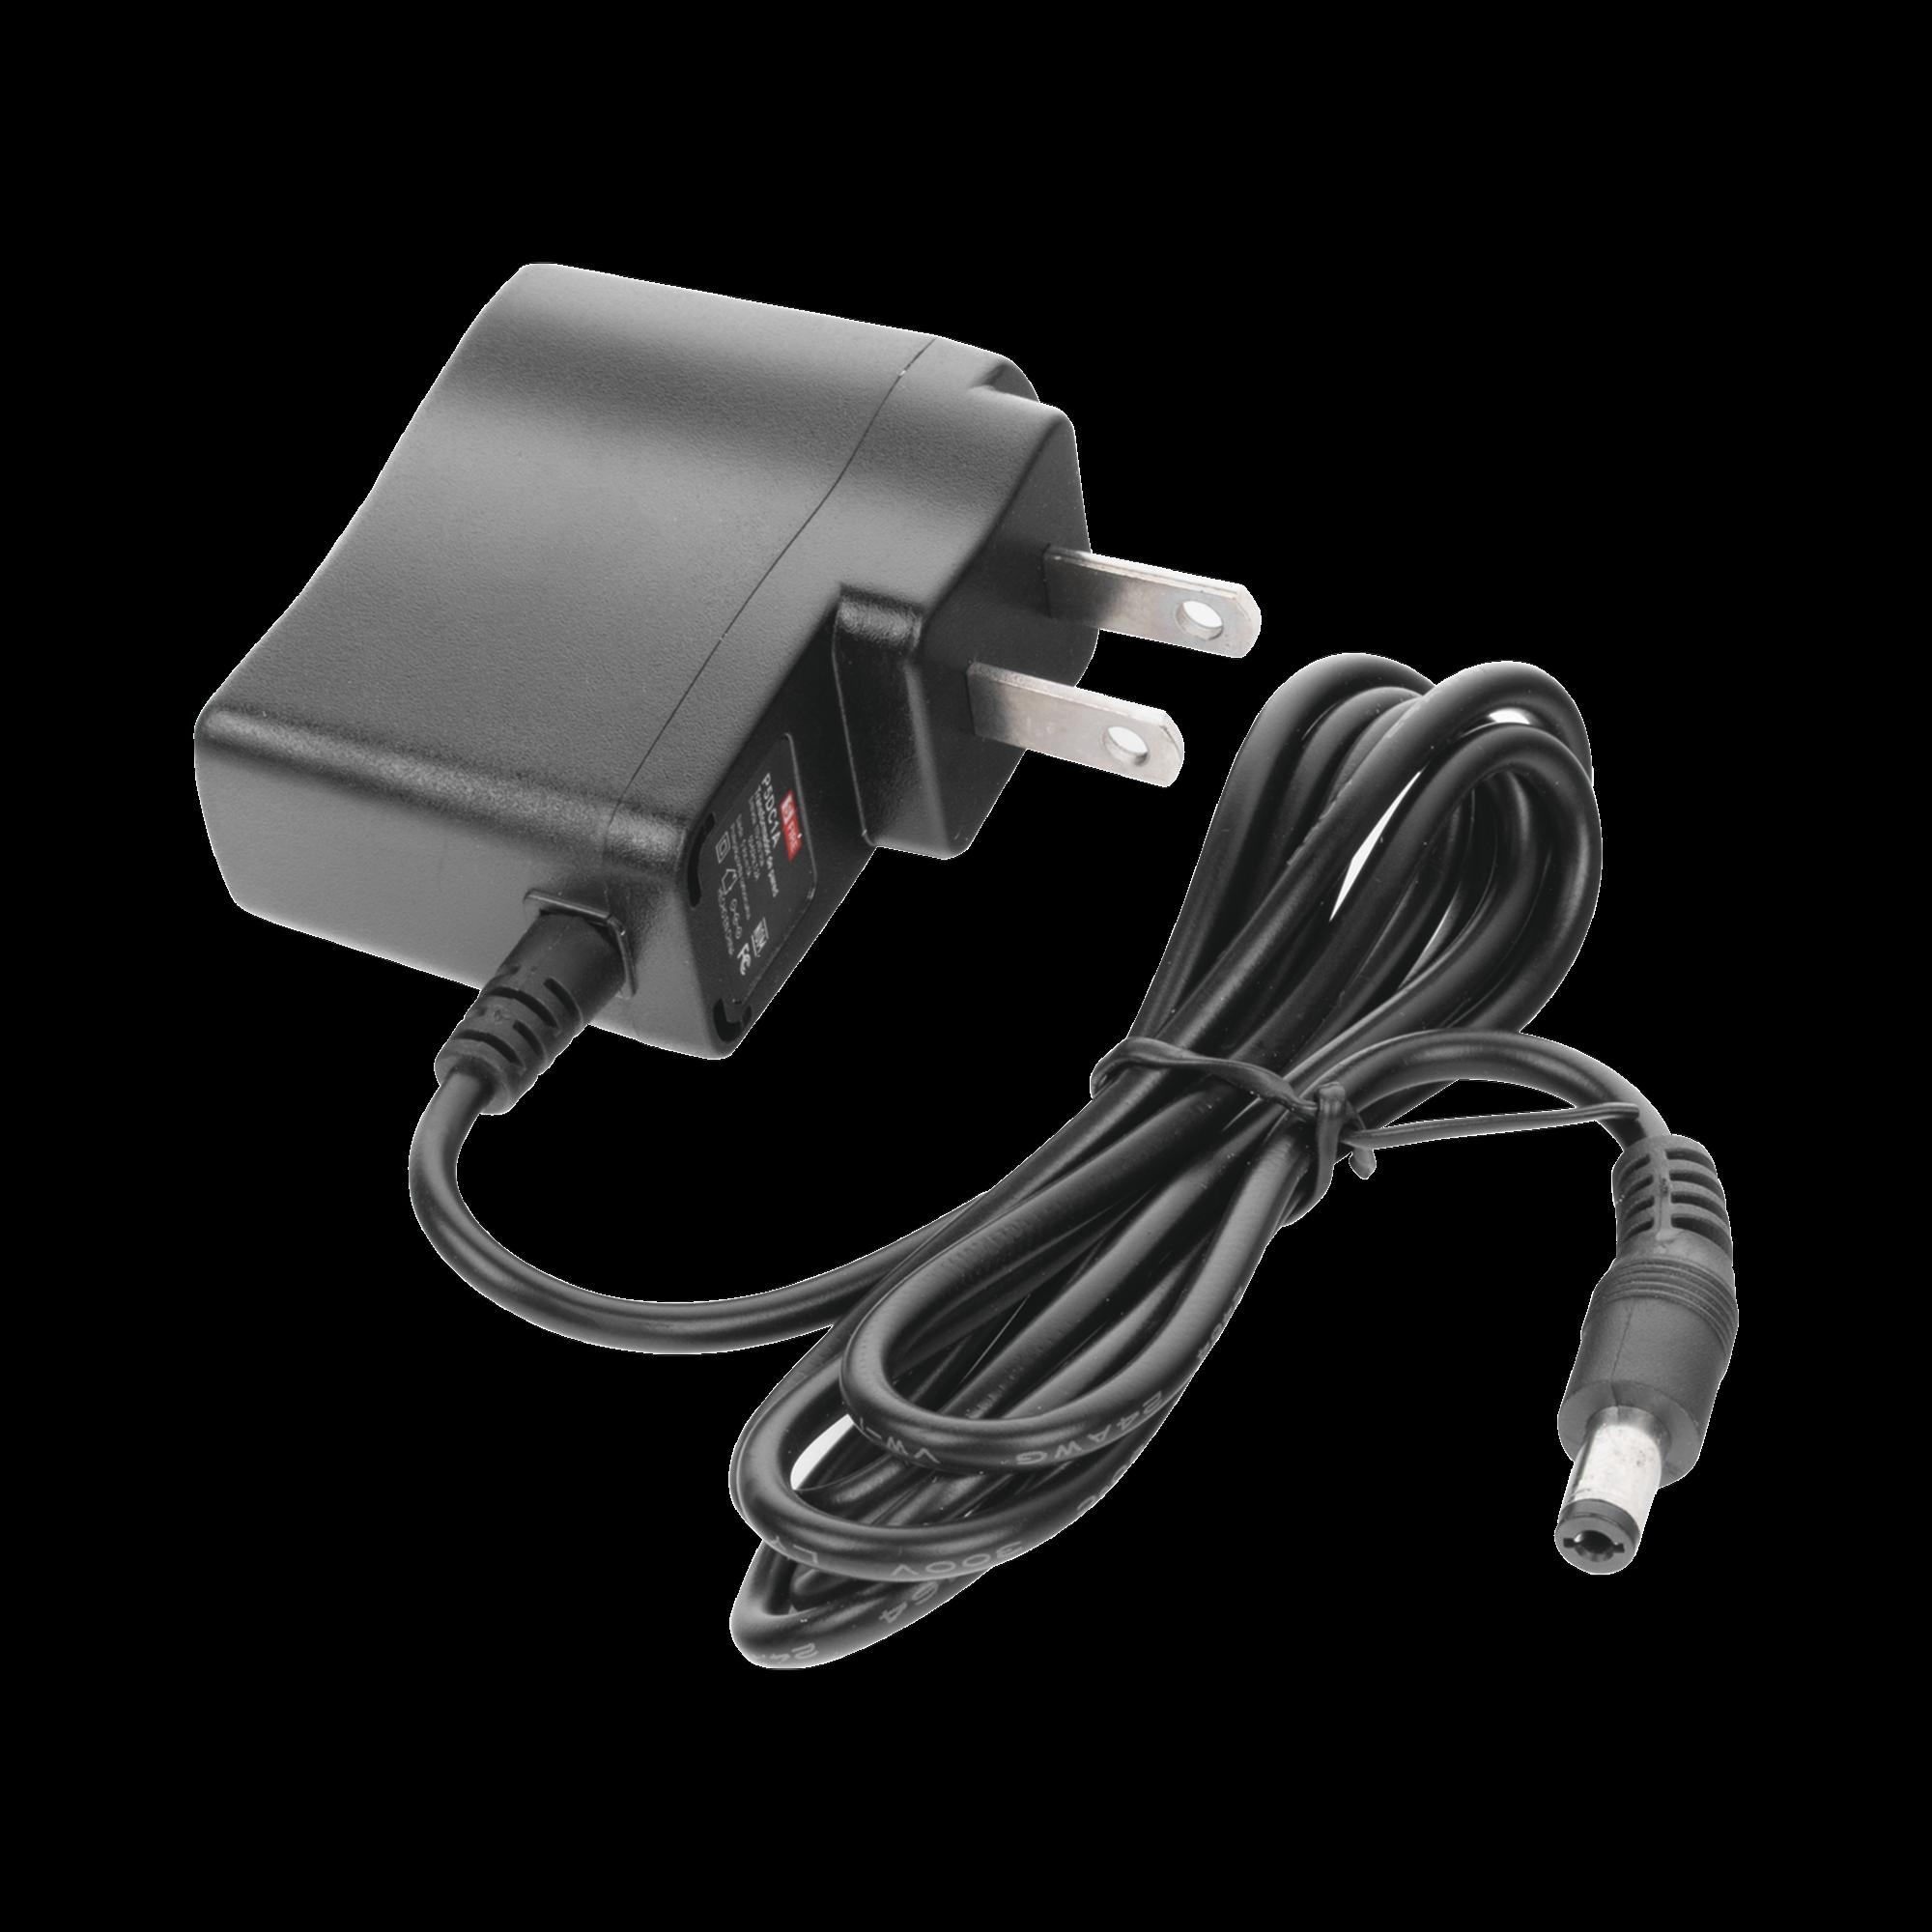 Fuente de poder de 5 Vcd regulado @ 1A; Voltaje de entrada de 100-240 Vca. Certificación de NOM